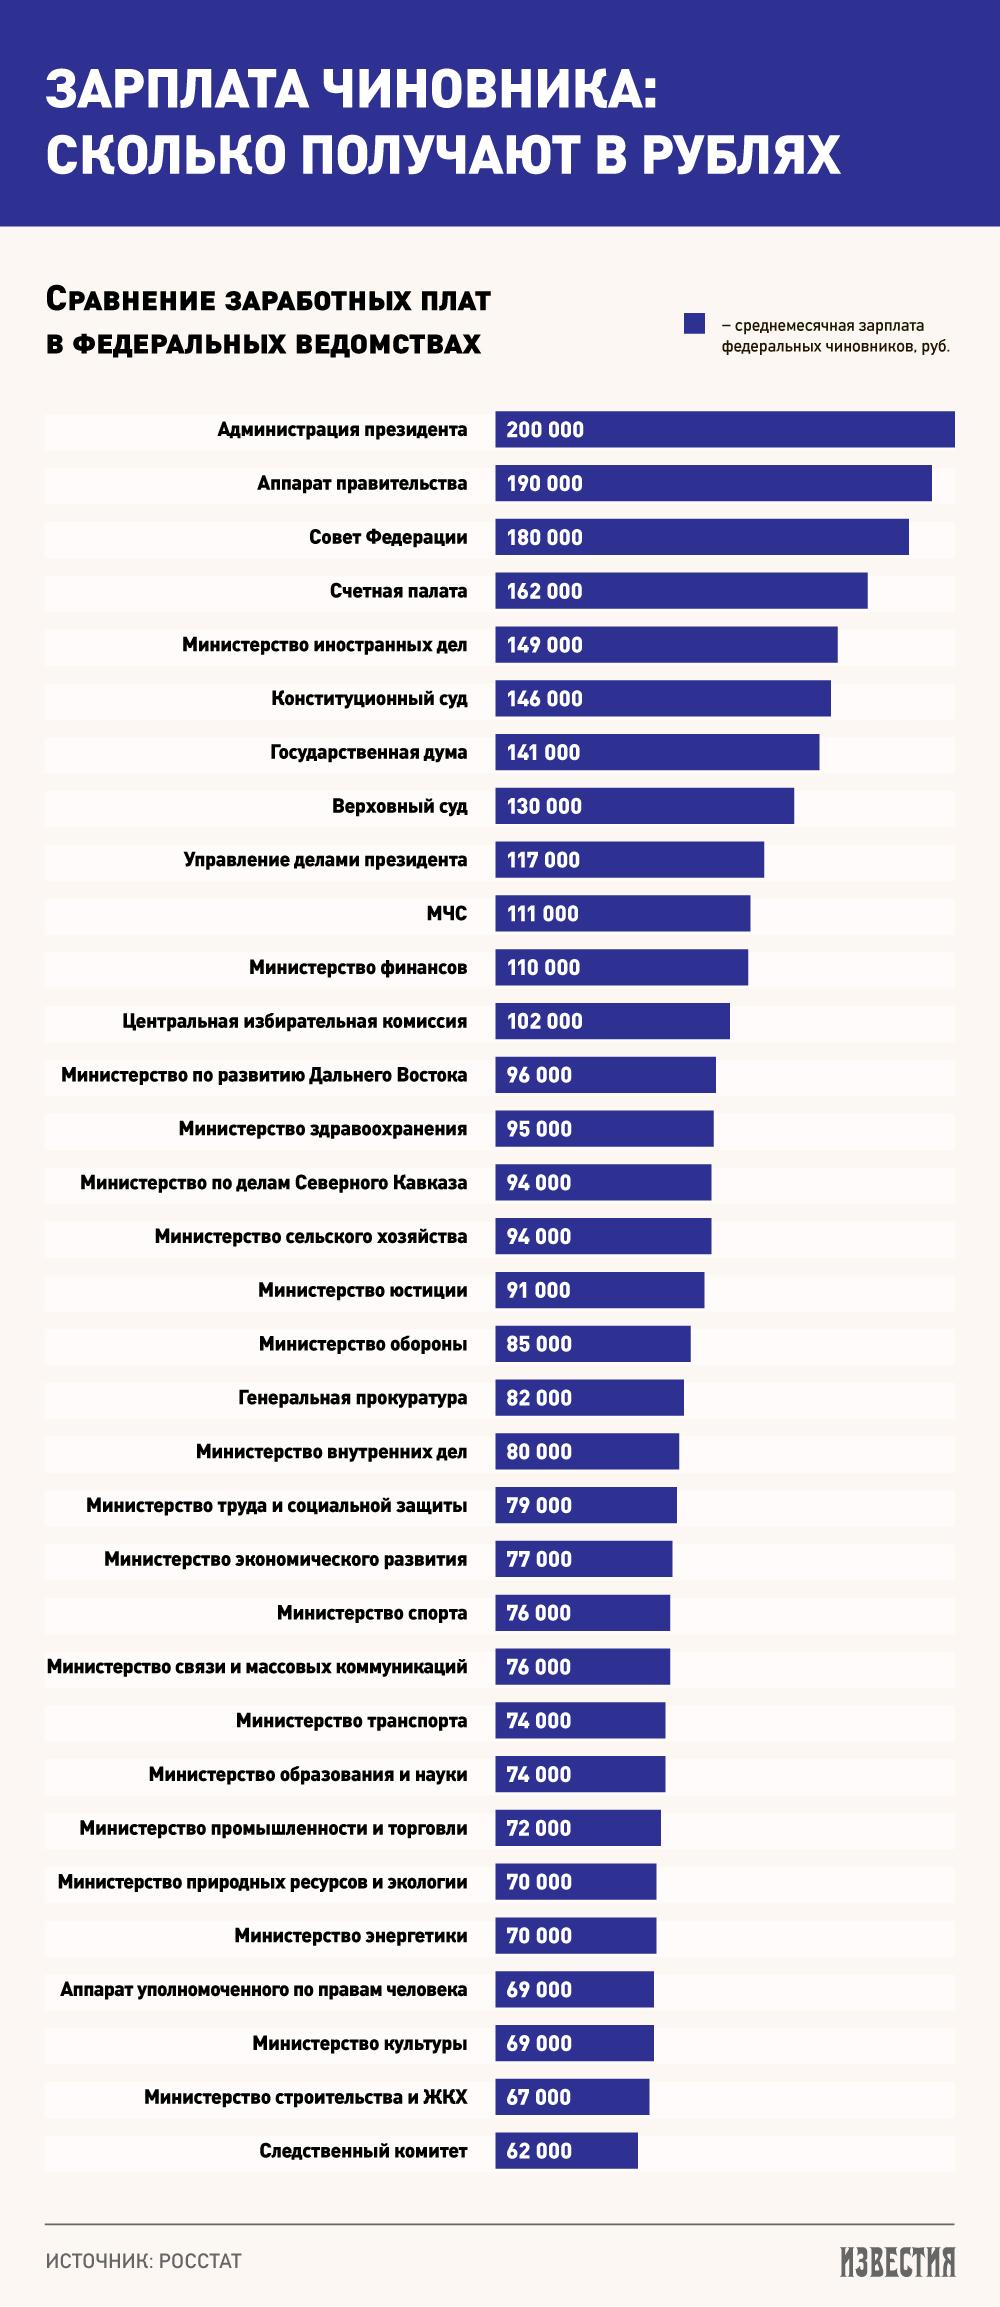 зависимости сколько в россии бюджетников призываем Вас